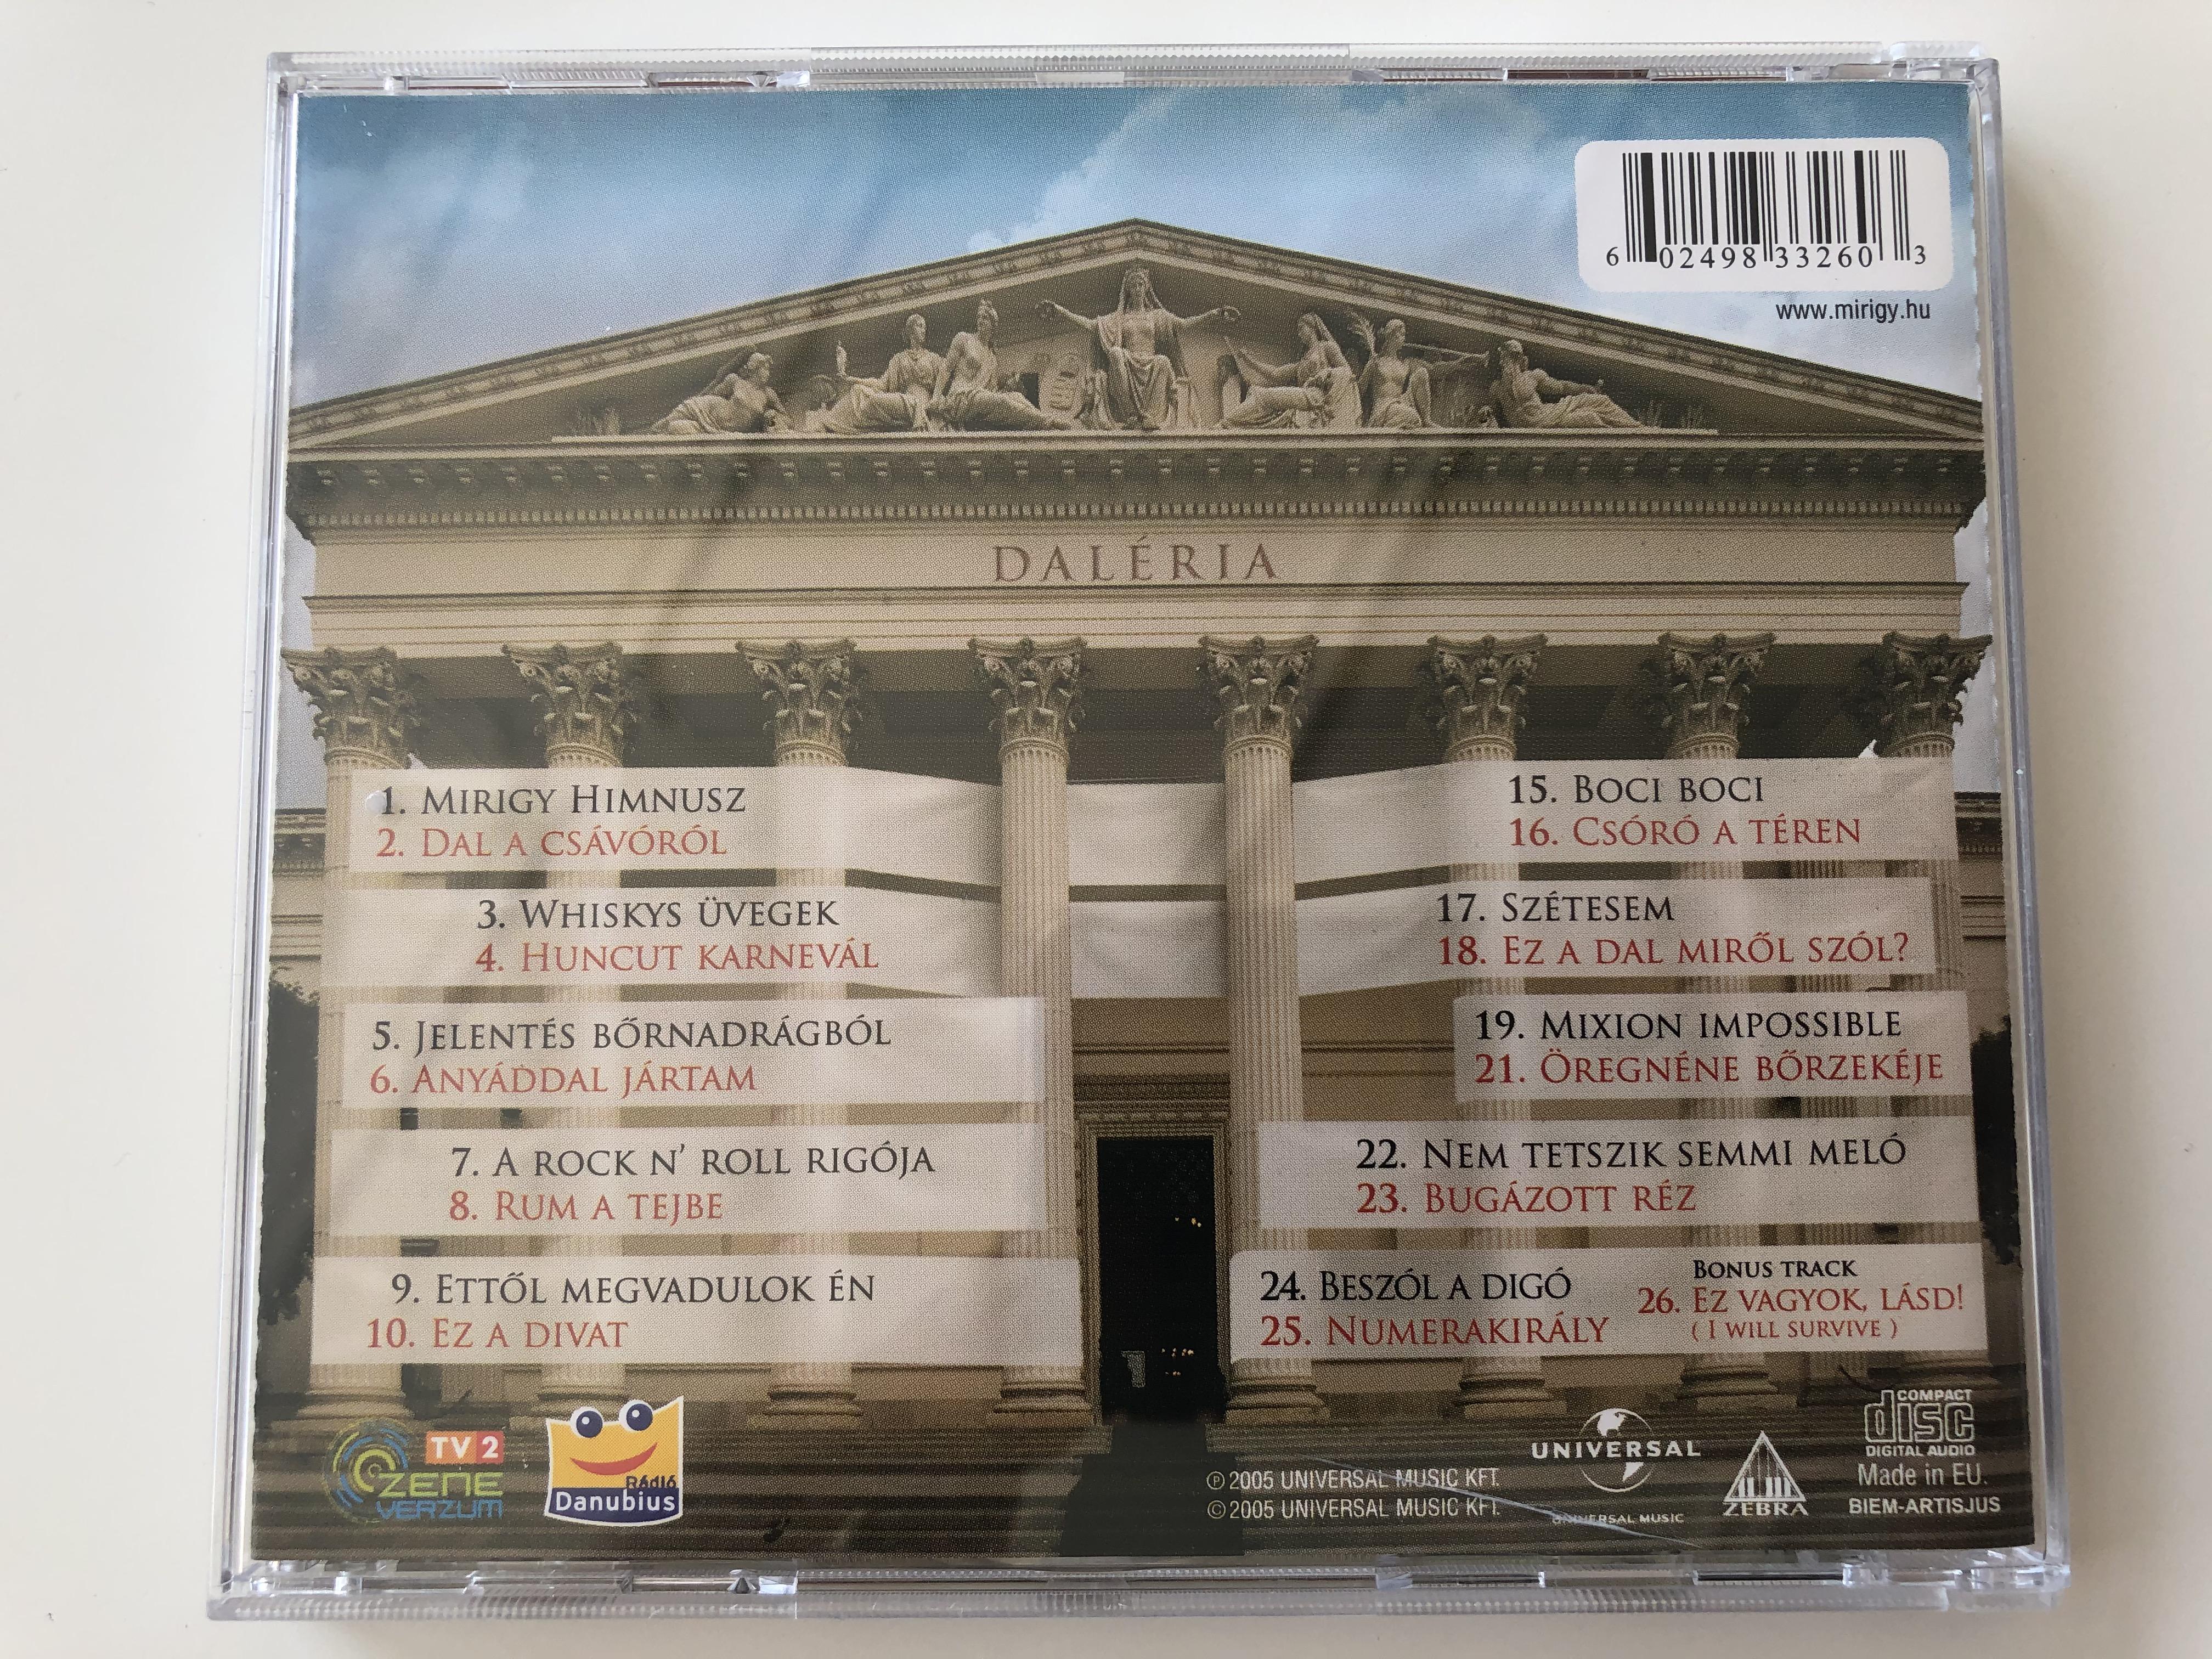 best-of-irigy-h-naljmirigy-1994-2005-dal-ria-universal-music-kft.-audio-cd-2005-983-326-0-7-.jpg